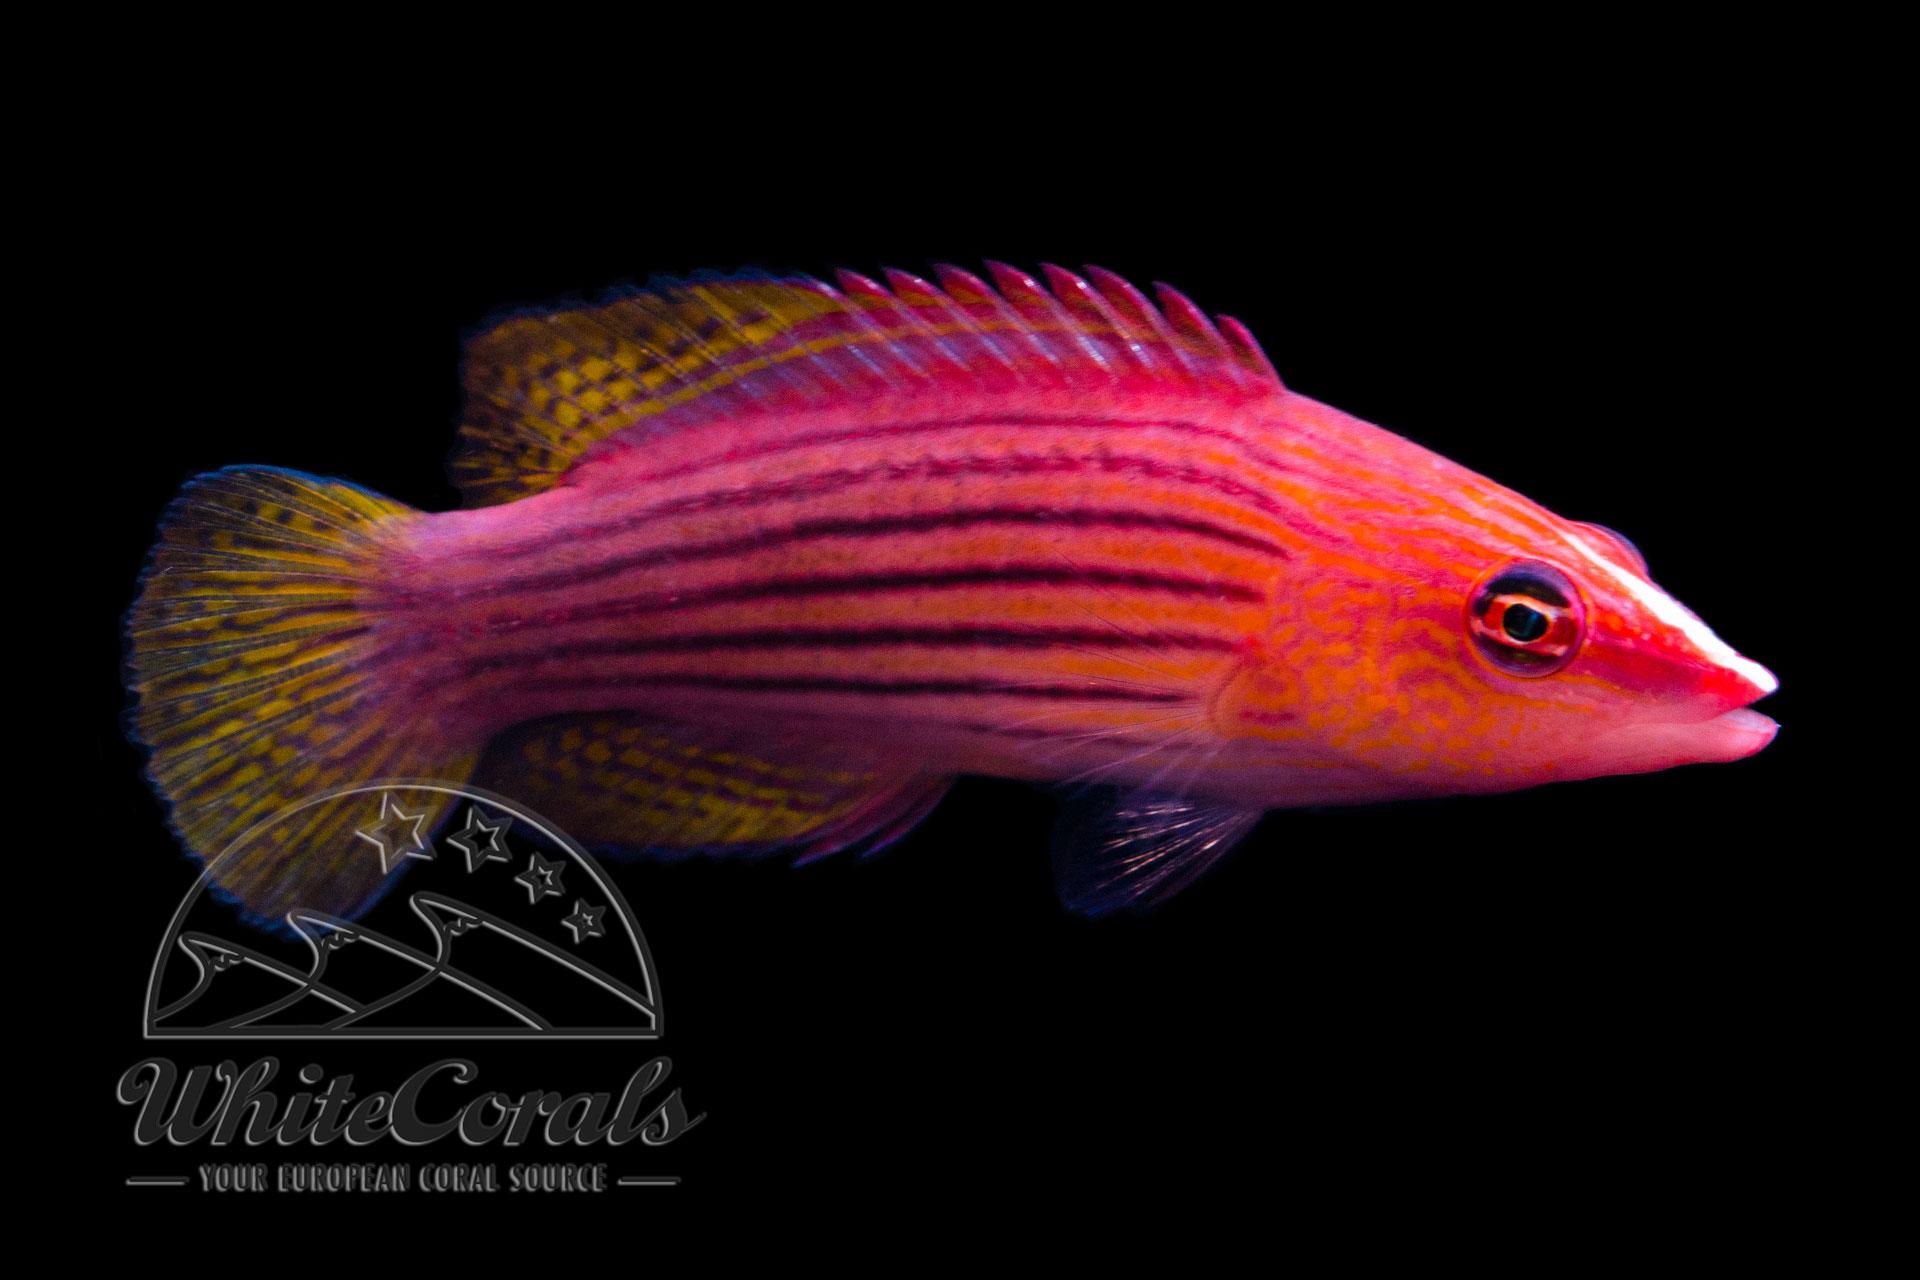 Pseudocheilinus octotaenia - Achtlinien-Zwerglippfisch